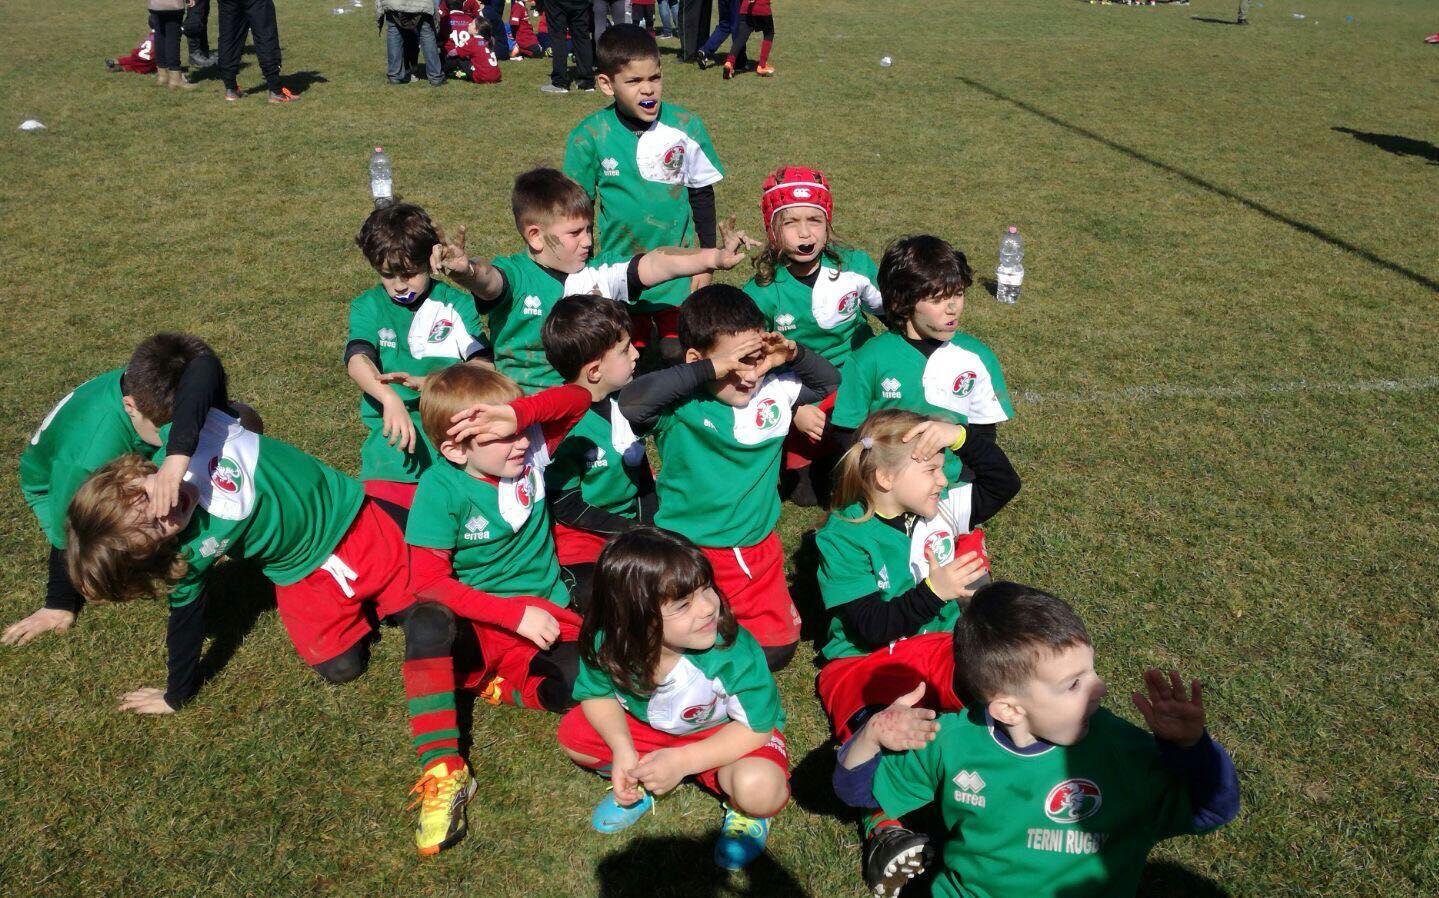 Il concentramento del mini rugby a Città di Castello, l'Under 16 a Prato